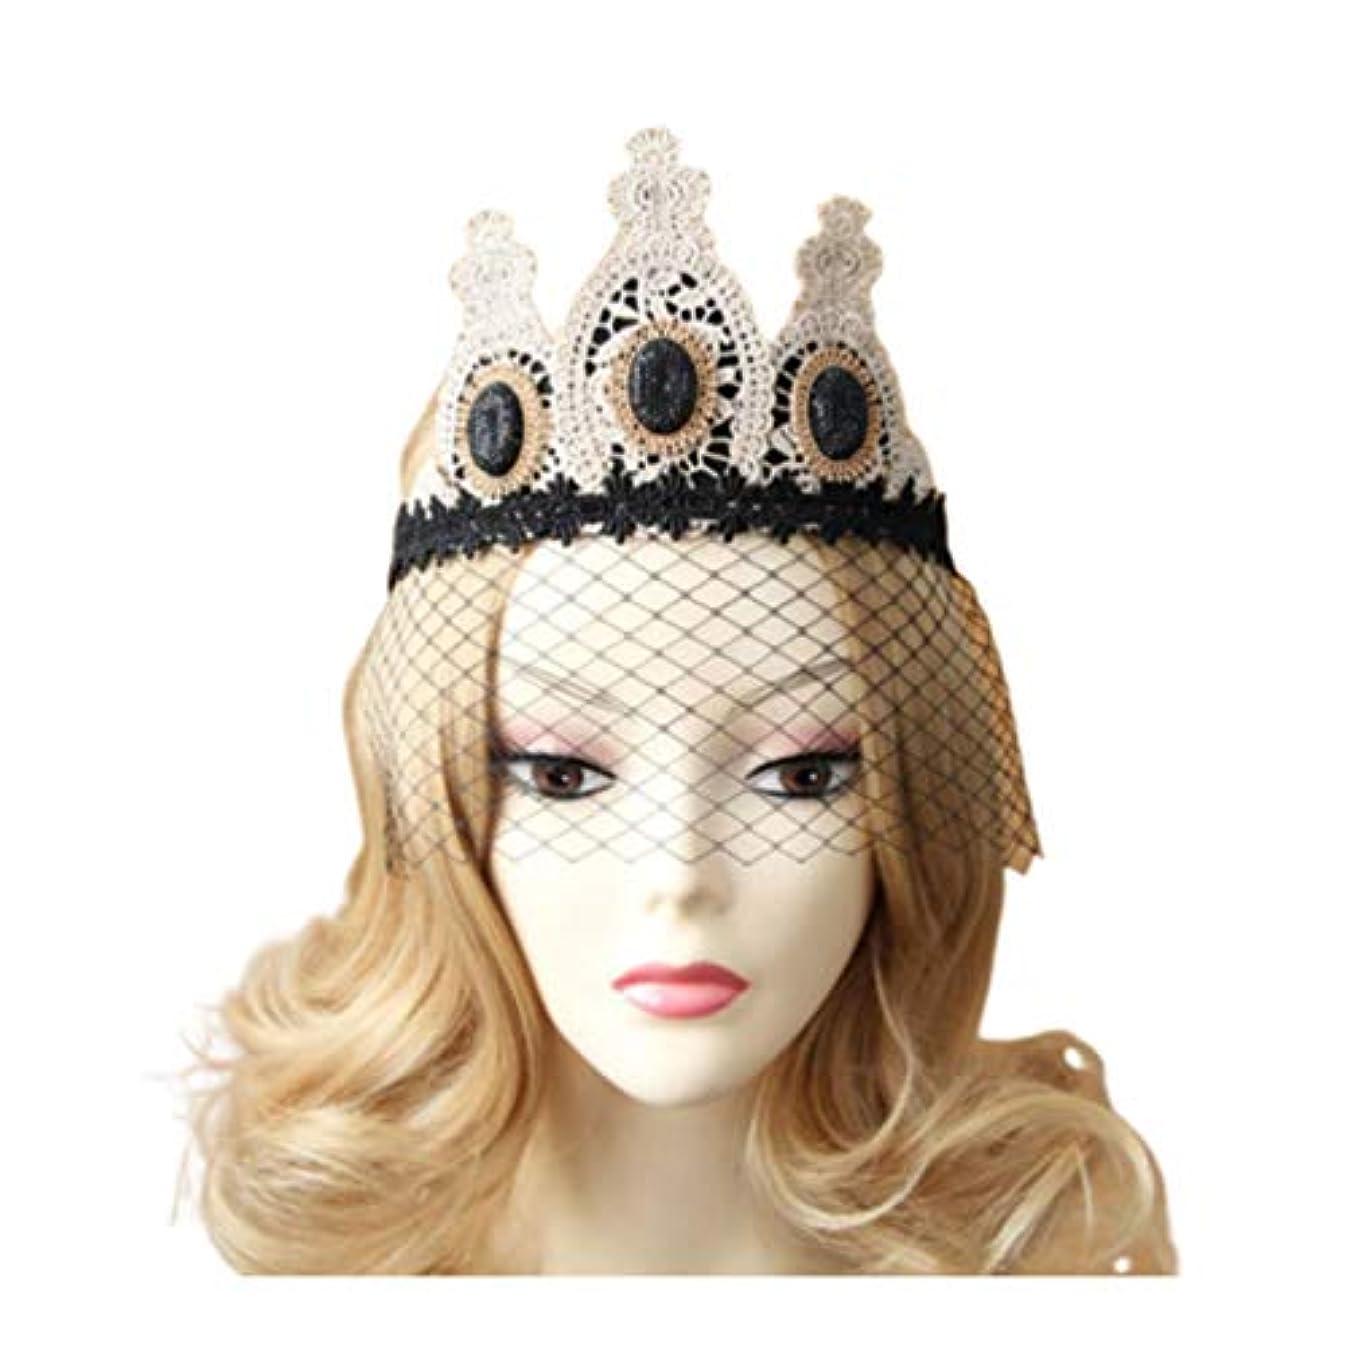 前件チェリー冷えるLurrose レースクラウンヴィンテージゴシックメッシュベールヘッドバンドレースベール帽子ハロウィンヘア装飾用女性女性